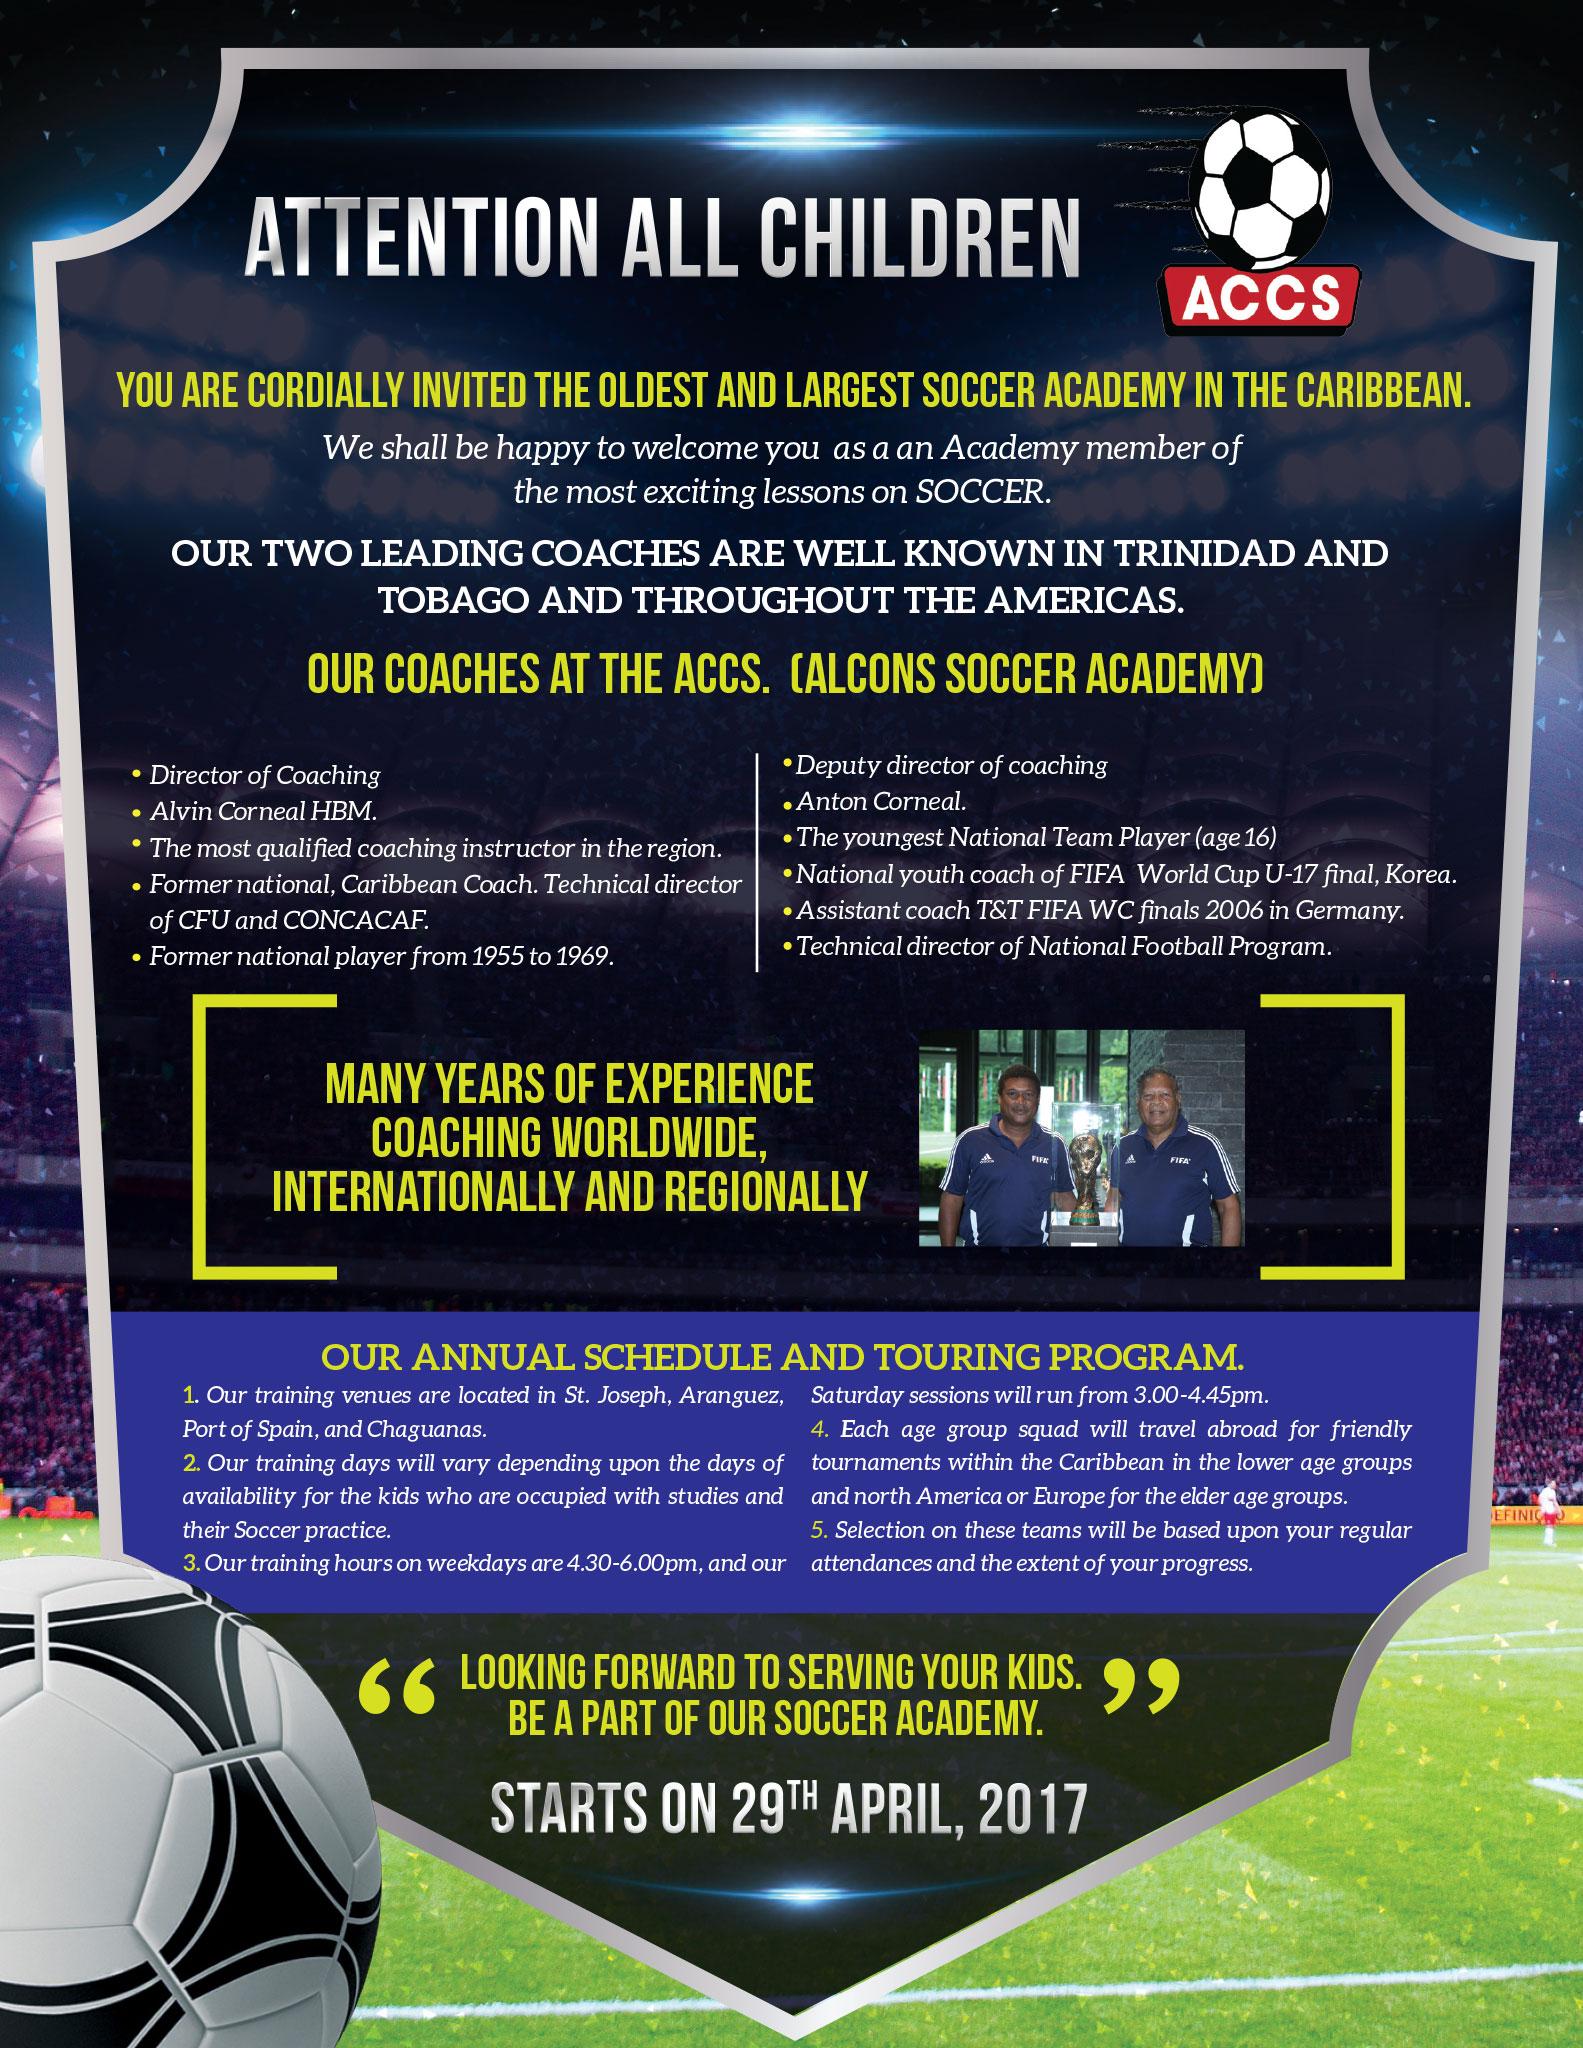 ALCONS Soccer Academy